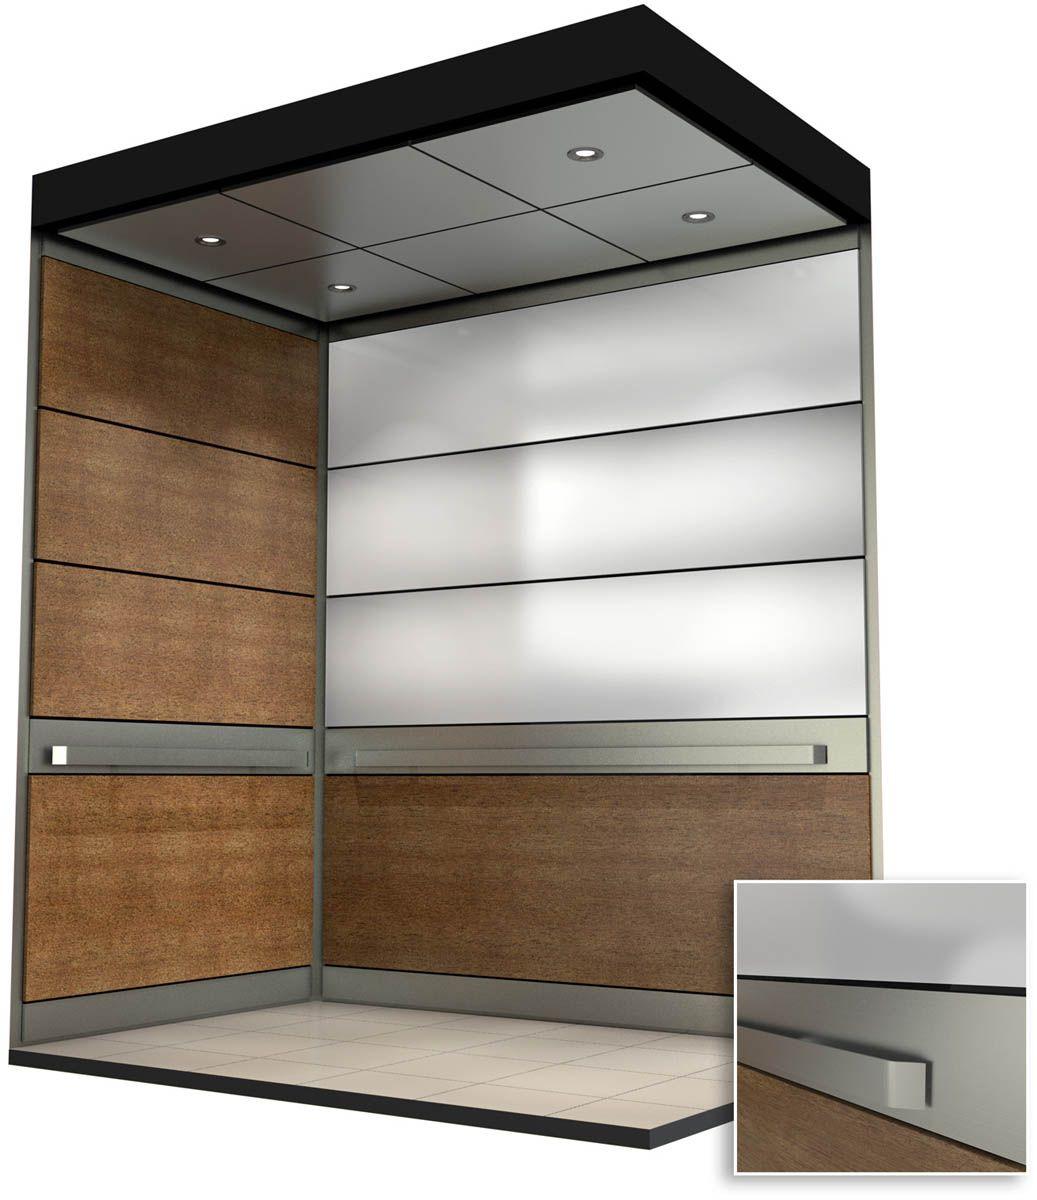 Home Interiorlighting Design: Interior Cab Design